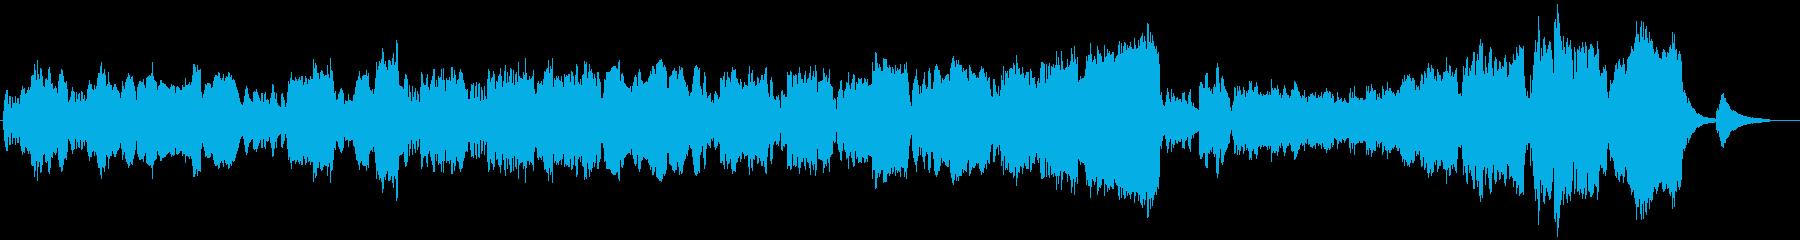 管楽器の旋律が温かいファンタジー作品の再生済みの波形